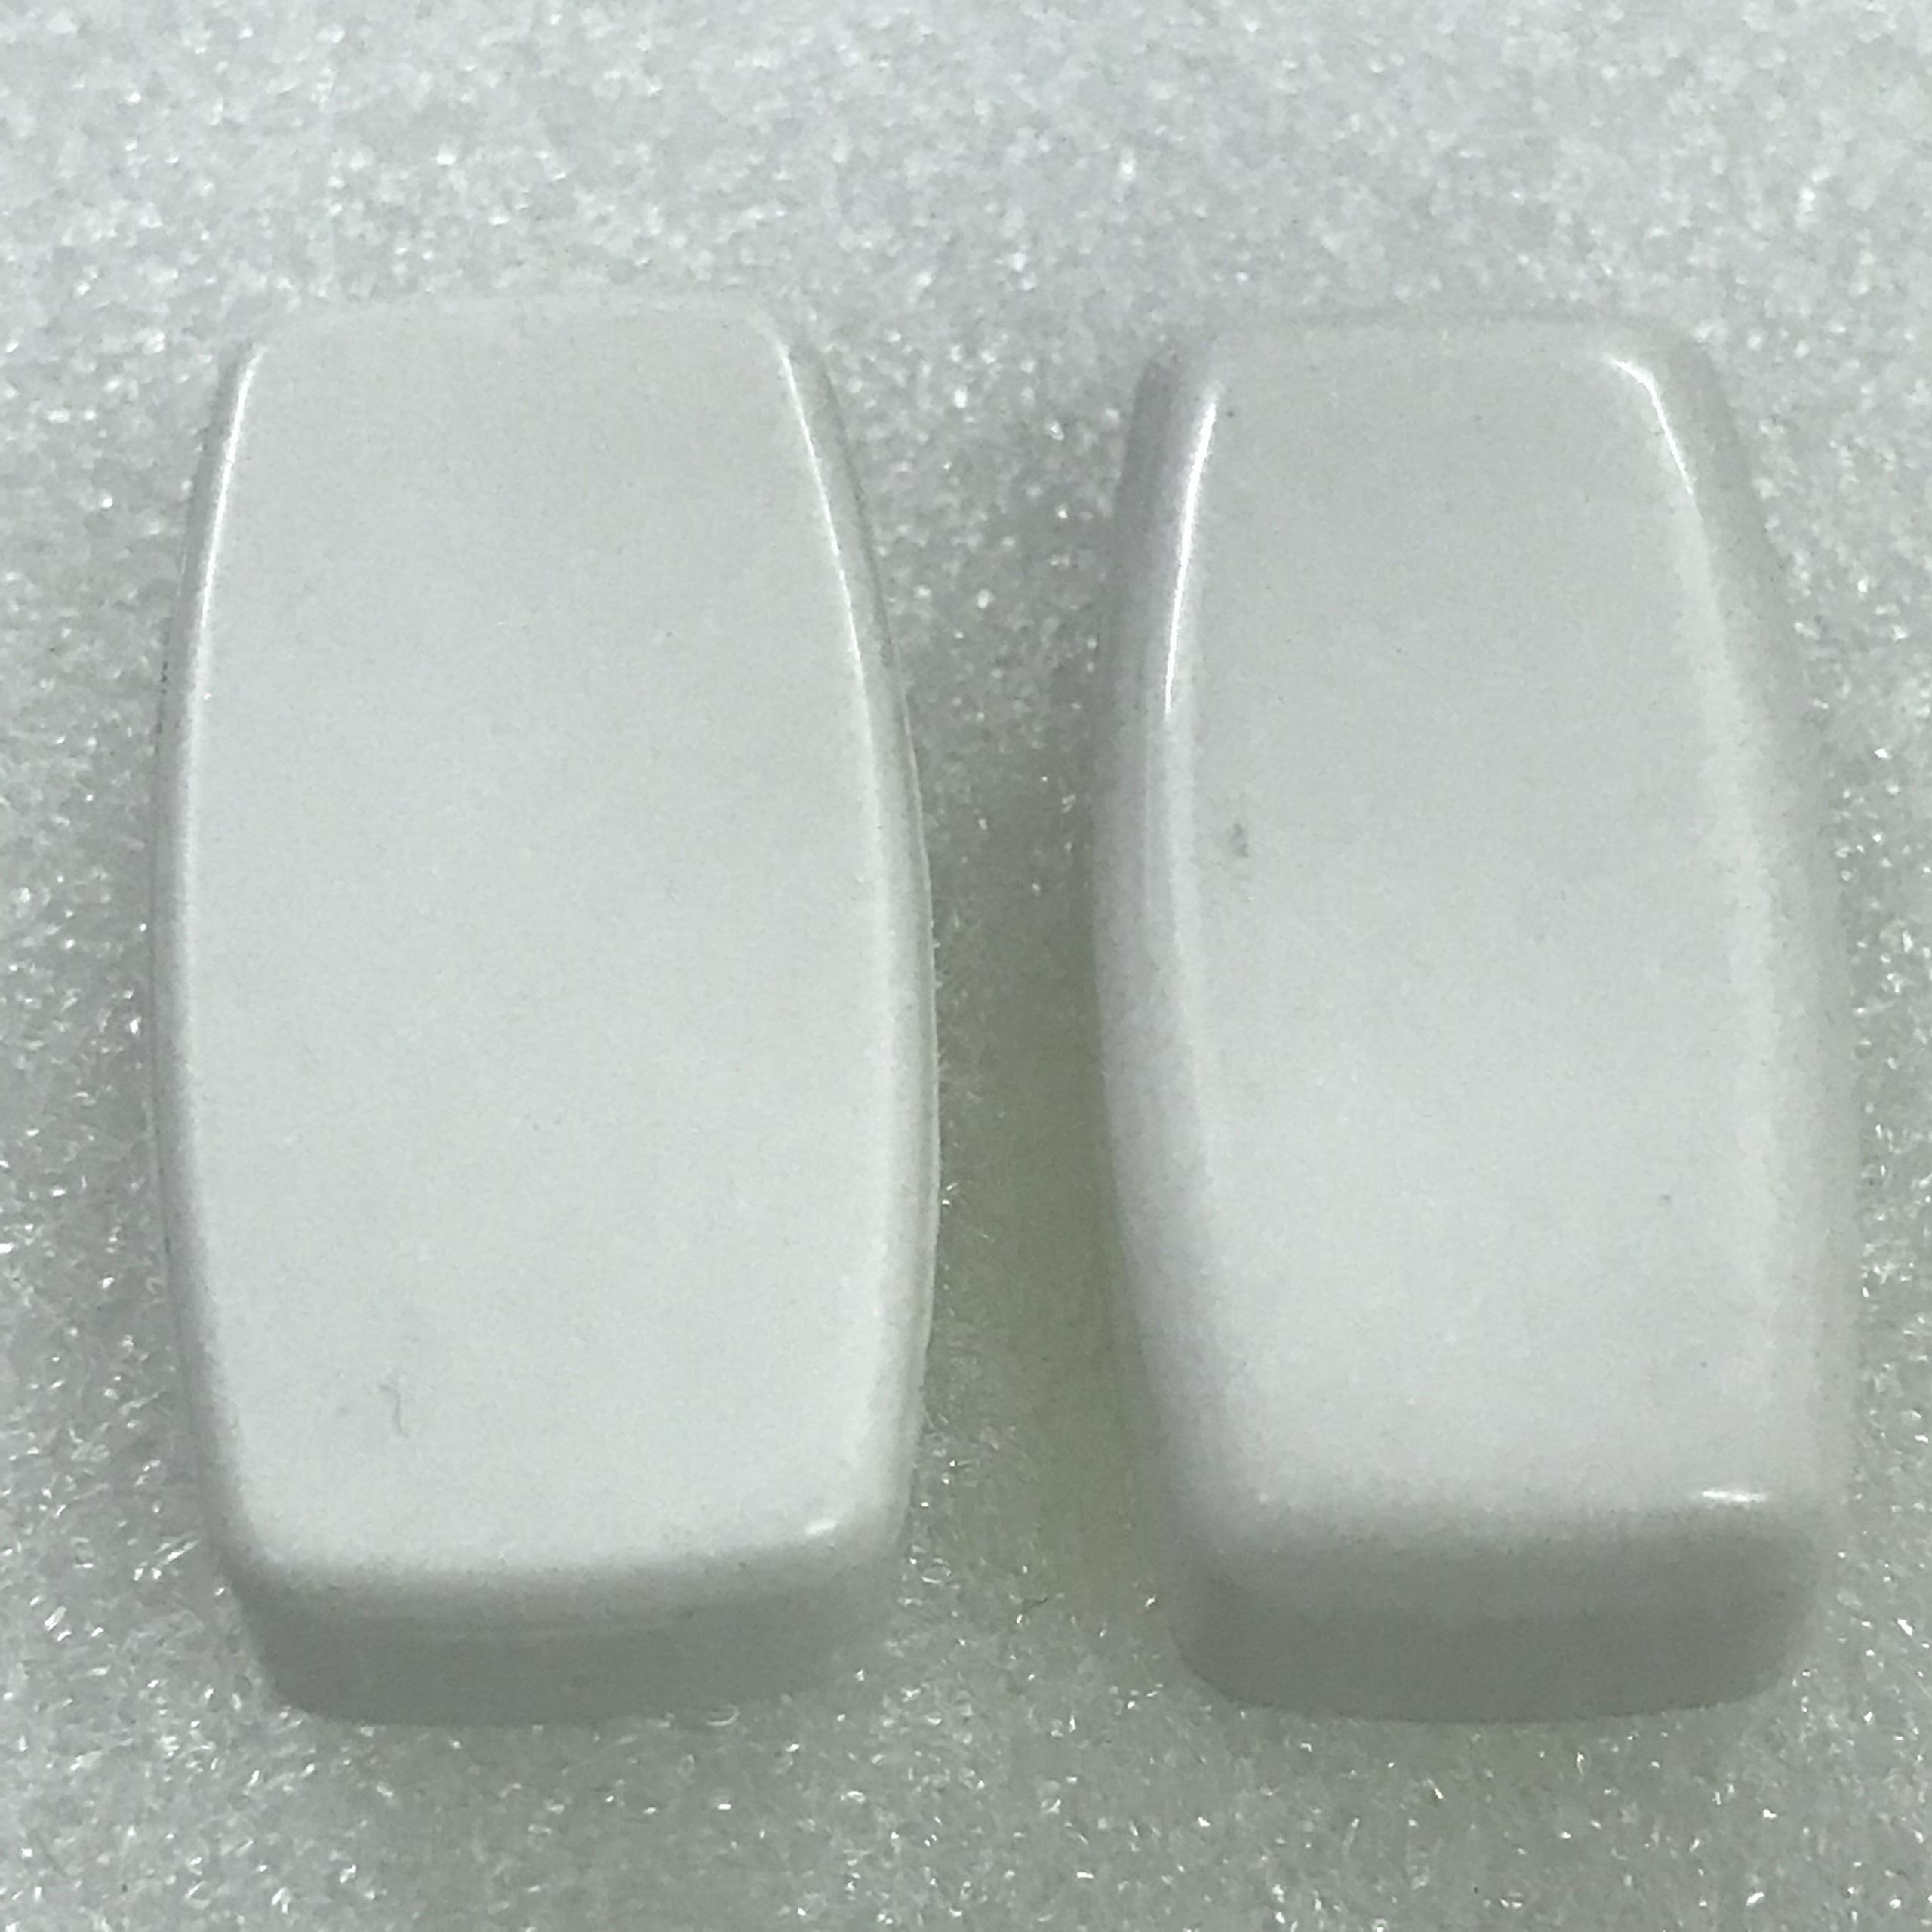 Tem từ cứng chống nước chuyên dùng trong spa, gym